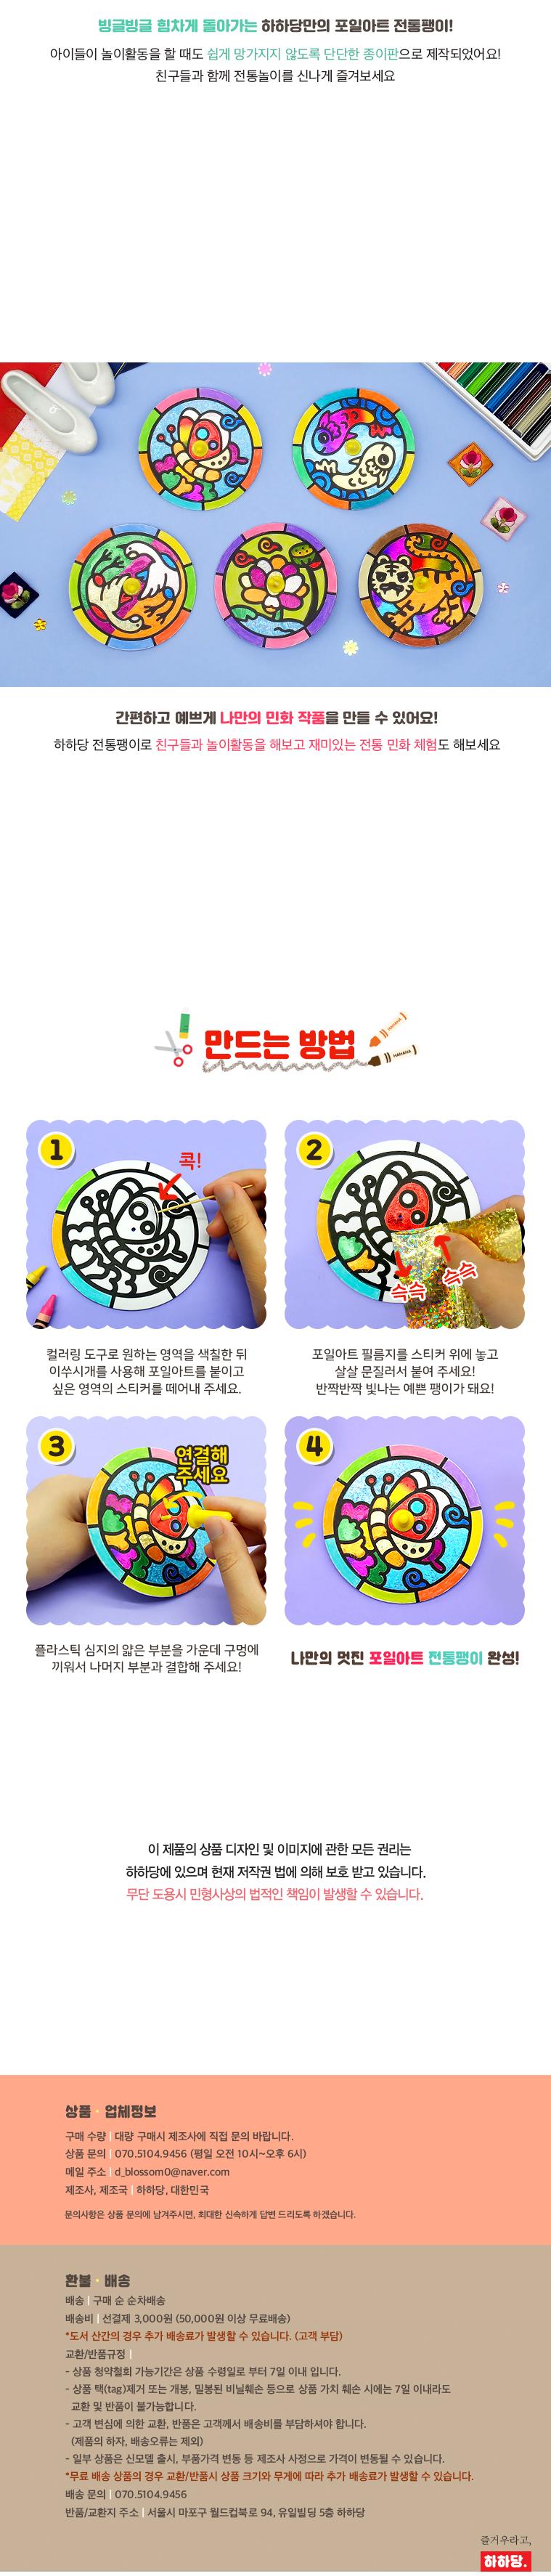 포일아트 팽이 _민화 5종 - 하하당, 4,200원, 전통/염색공예, 기타소품 패키지